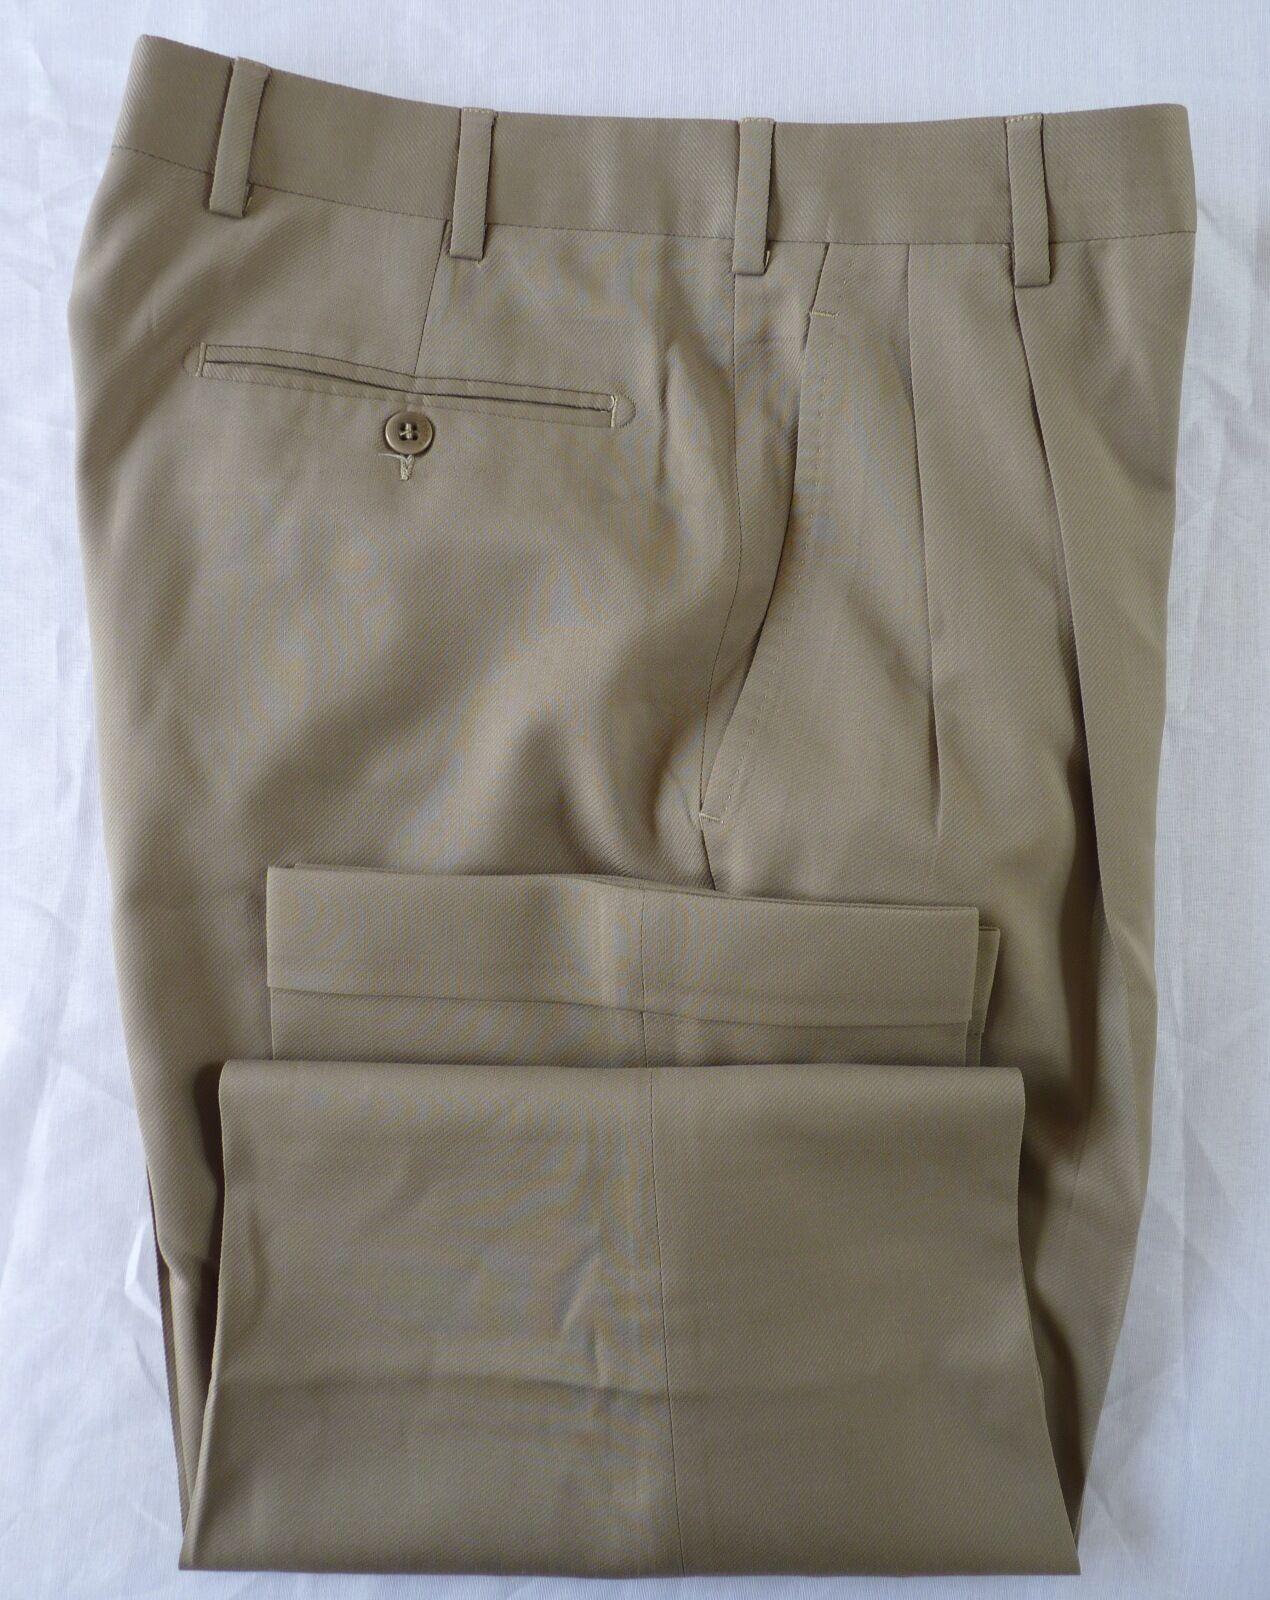 Zanella Platinum Bennett Pleat Cuffed Dress Pants Wool Beige  Size 32 MINT